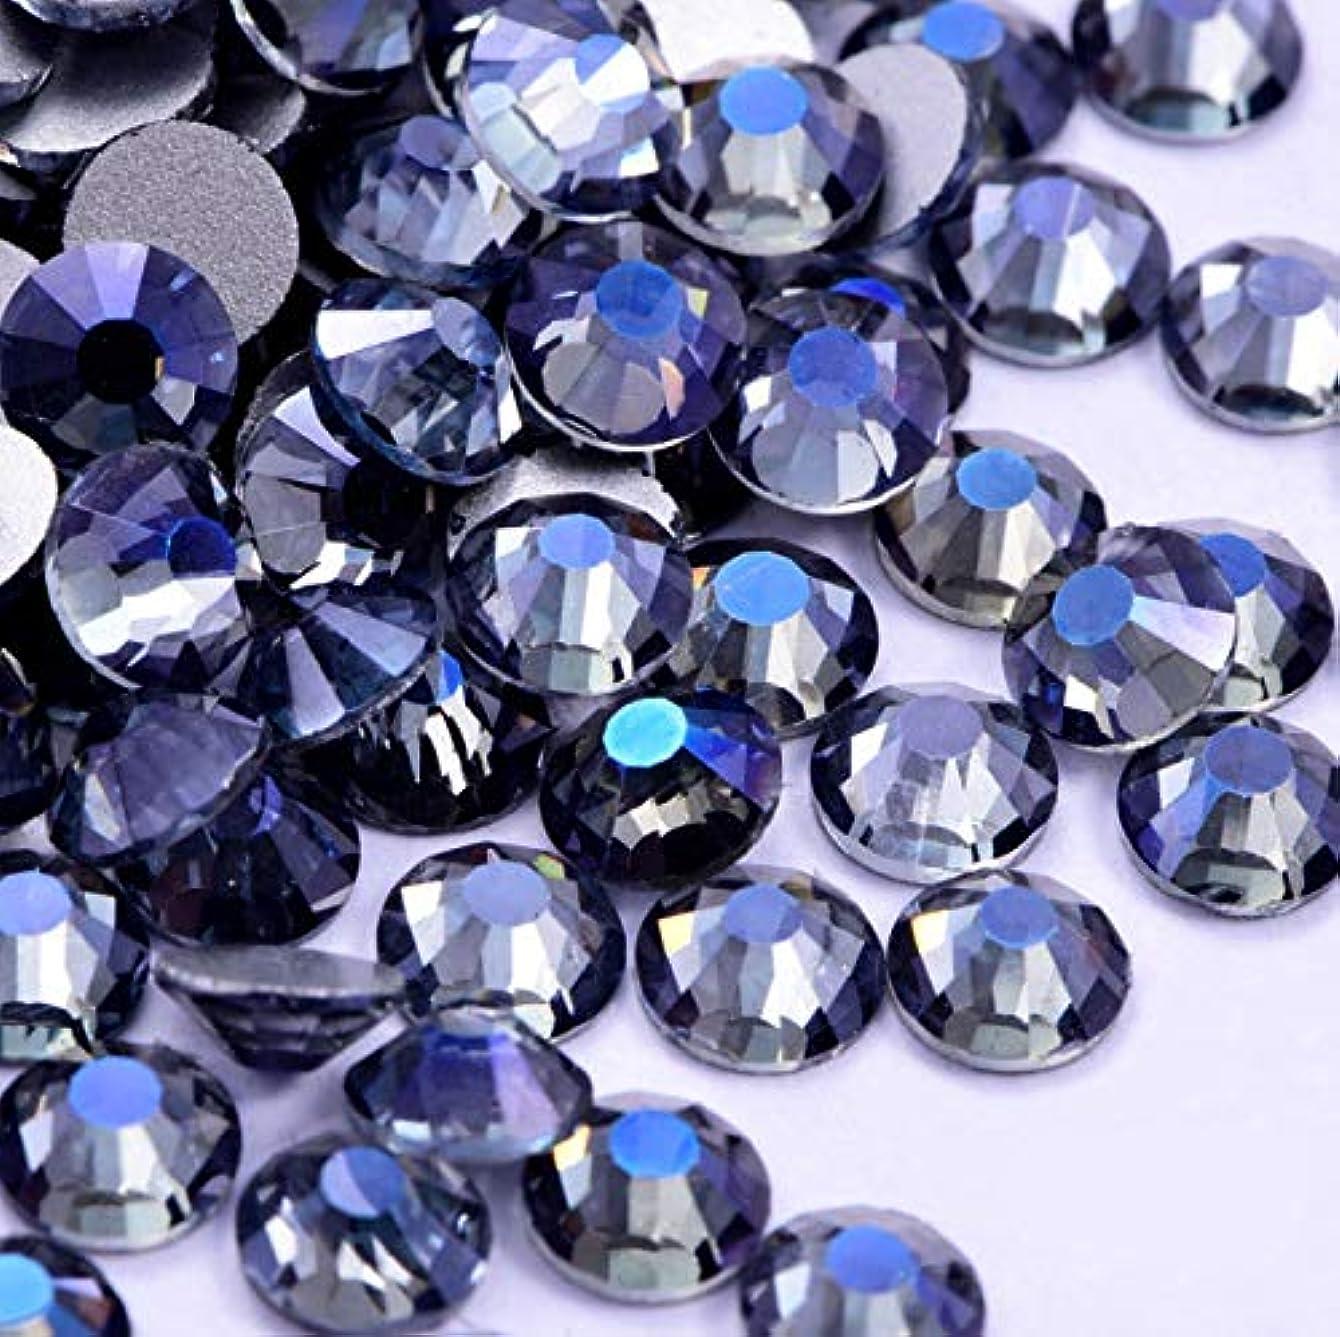 毎年広範囲バラエティ【ラインストーン77】高品質ガラス製ラインストーン 色/サイズ選択可 SS3~SS50 (パープルゴースト, SS20:約4.7mm(約120粒))